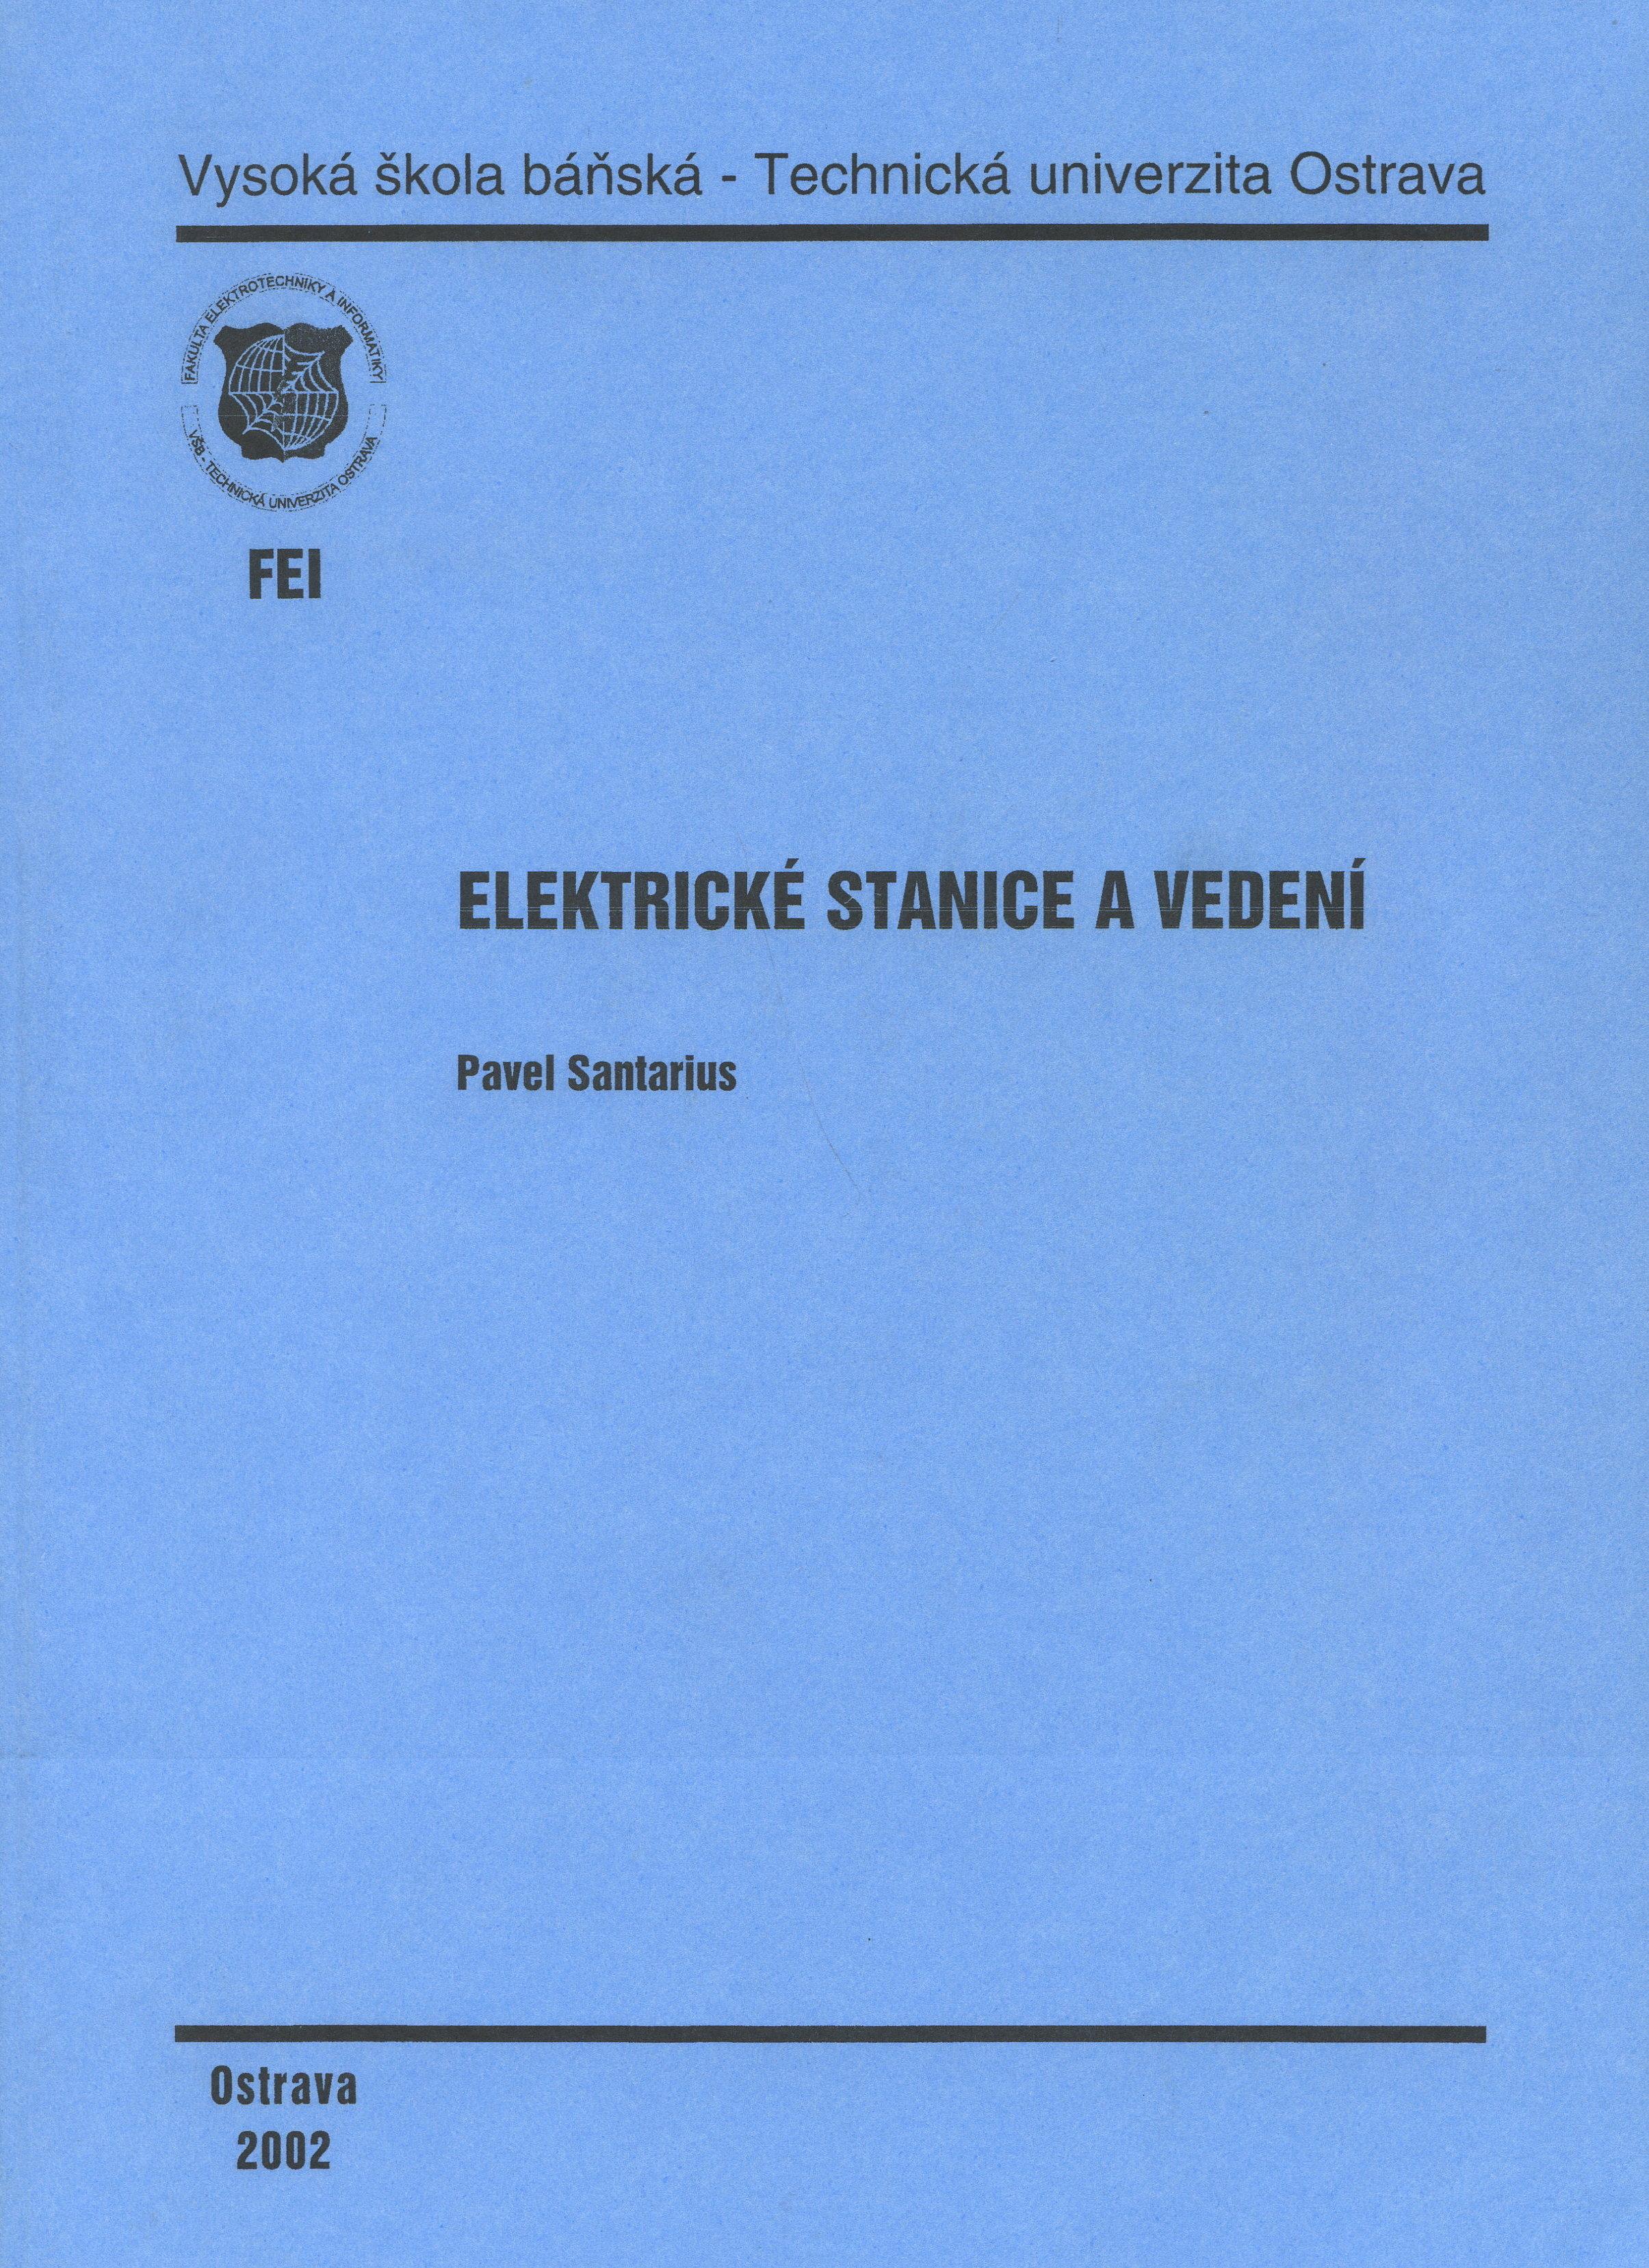 Elektrické stanice a vedení